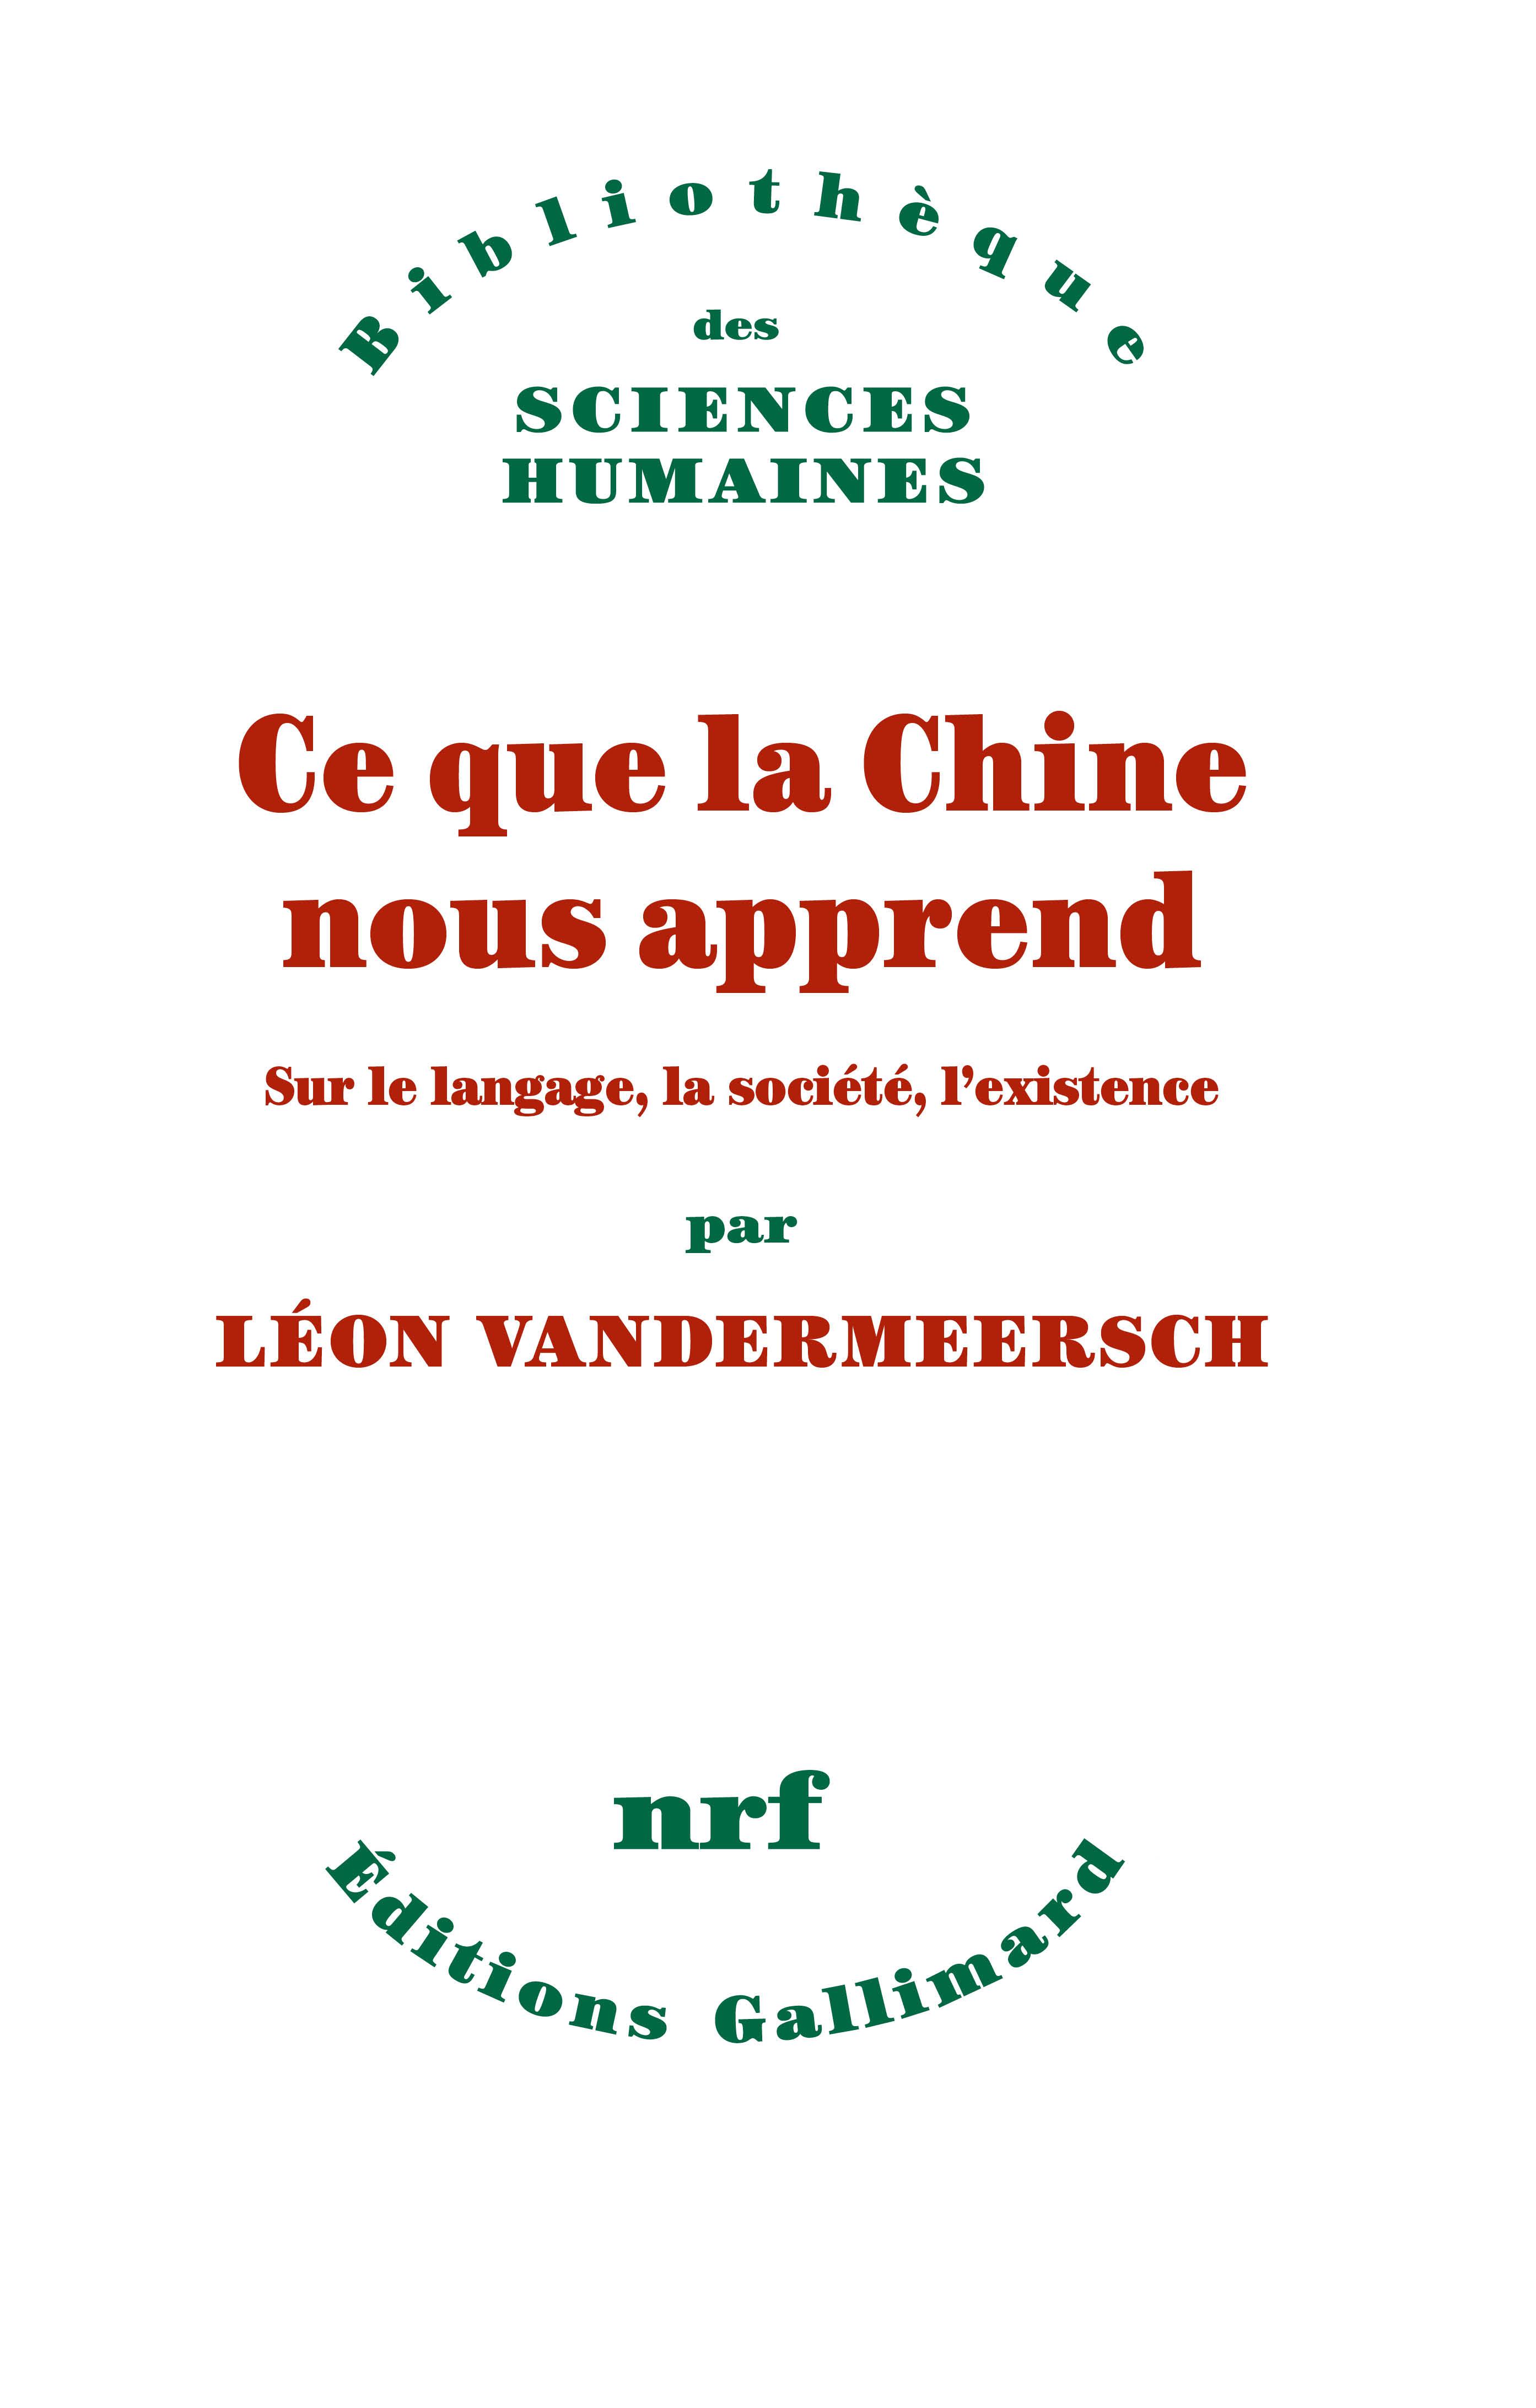 L. Vandermeersch, Ce que la Chine nous apprend. Sur le langage, la société, l'existence